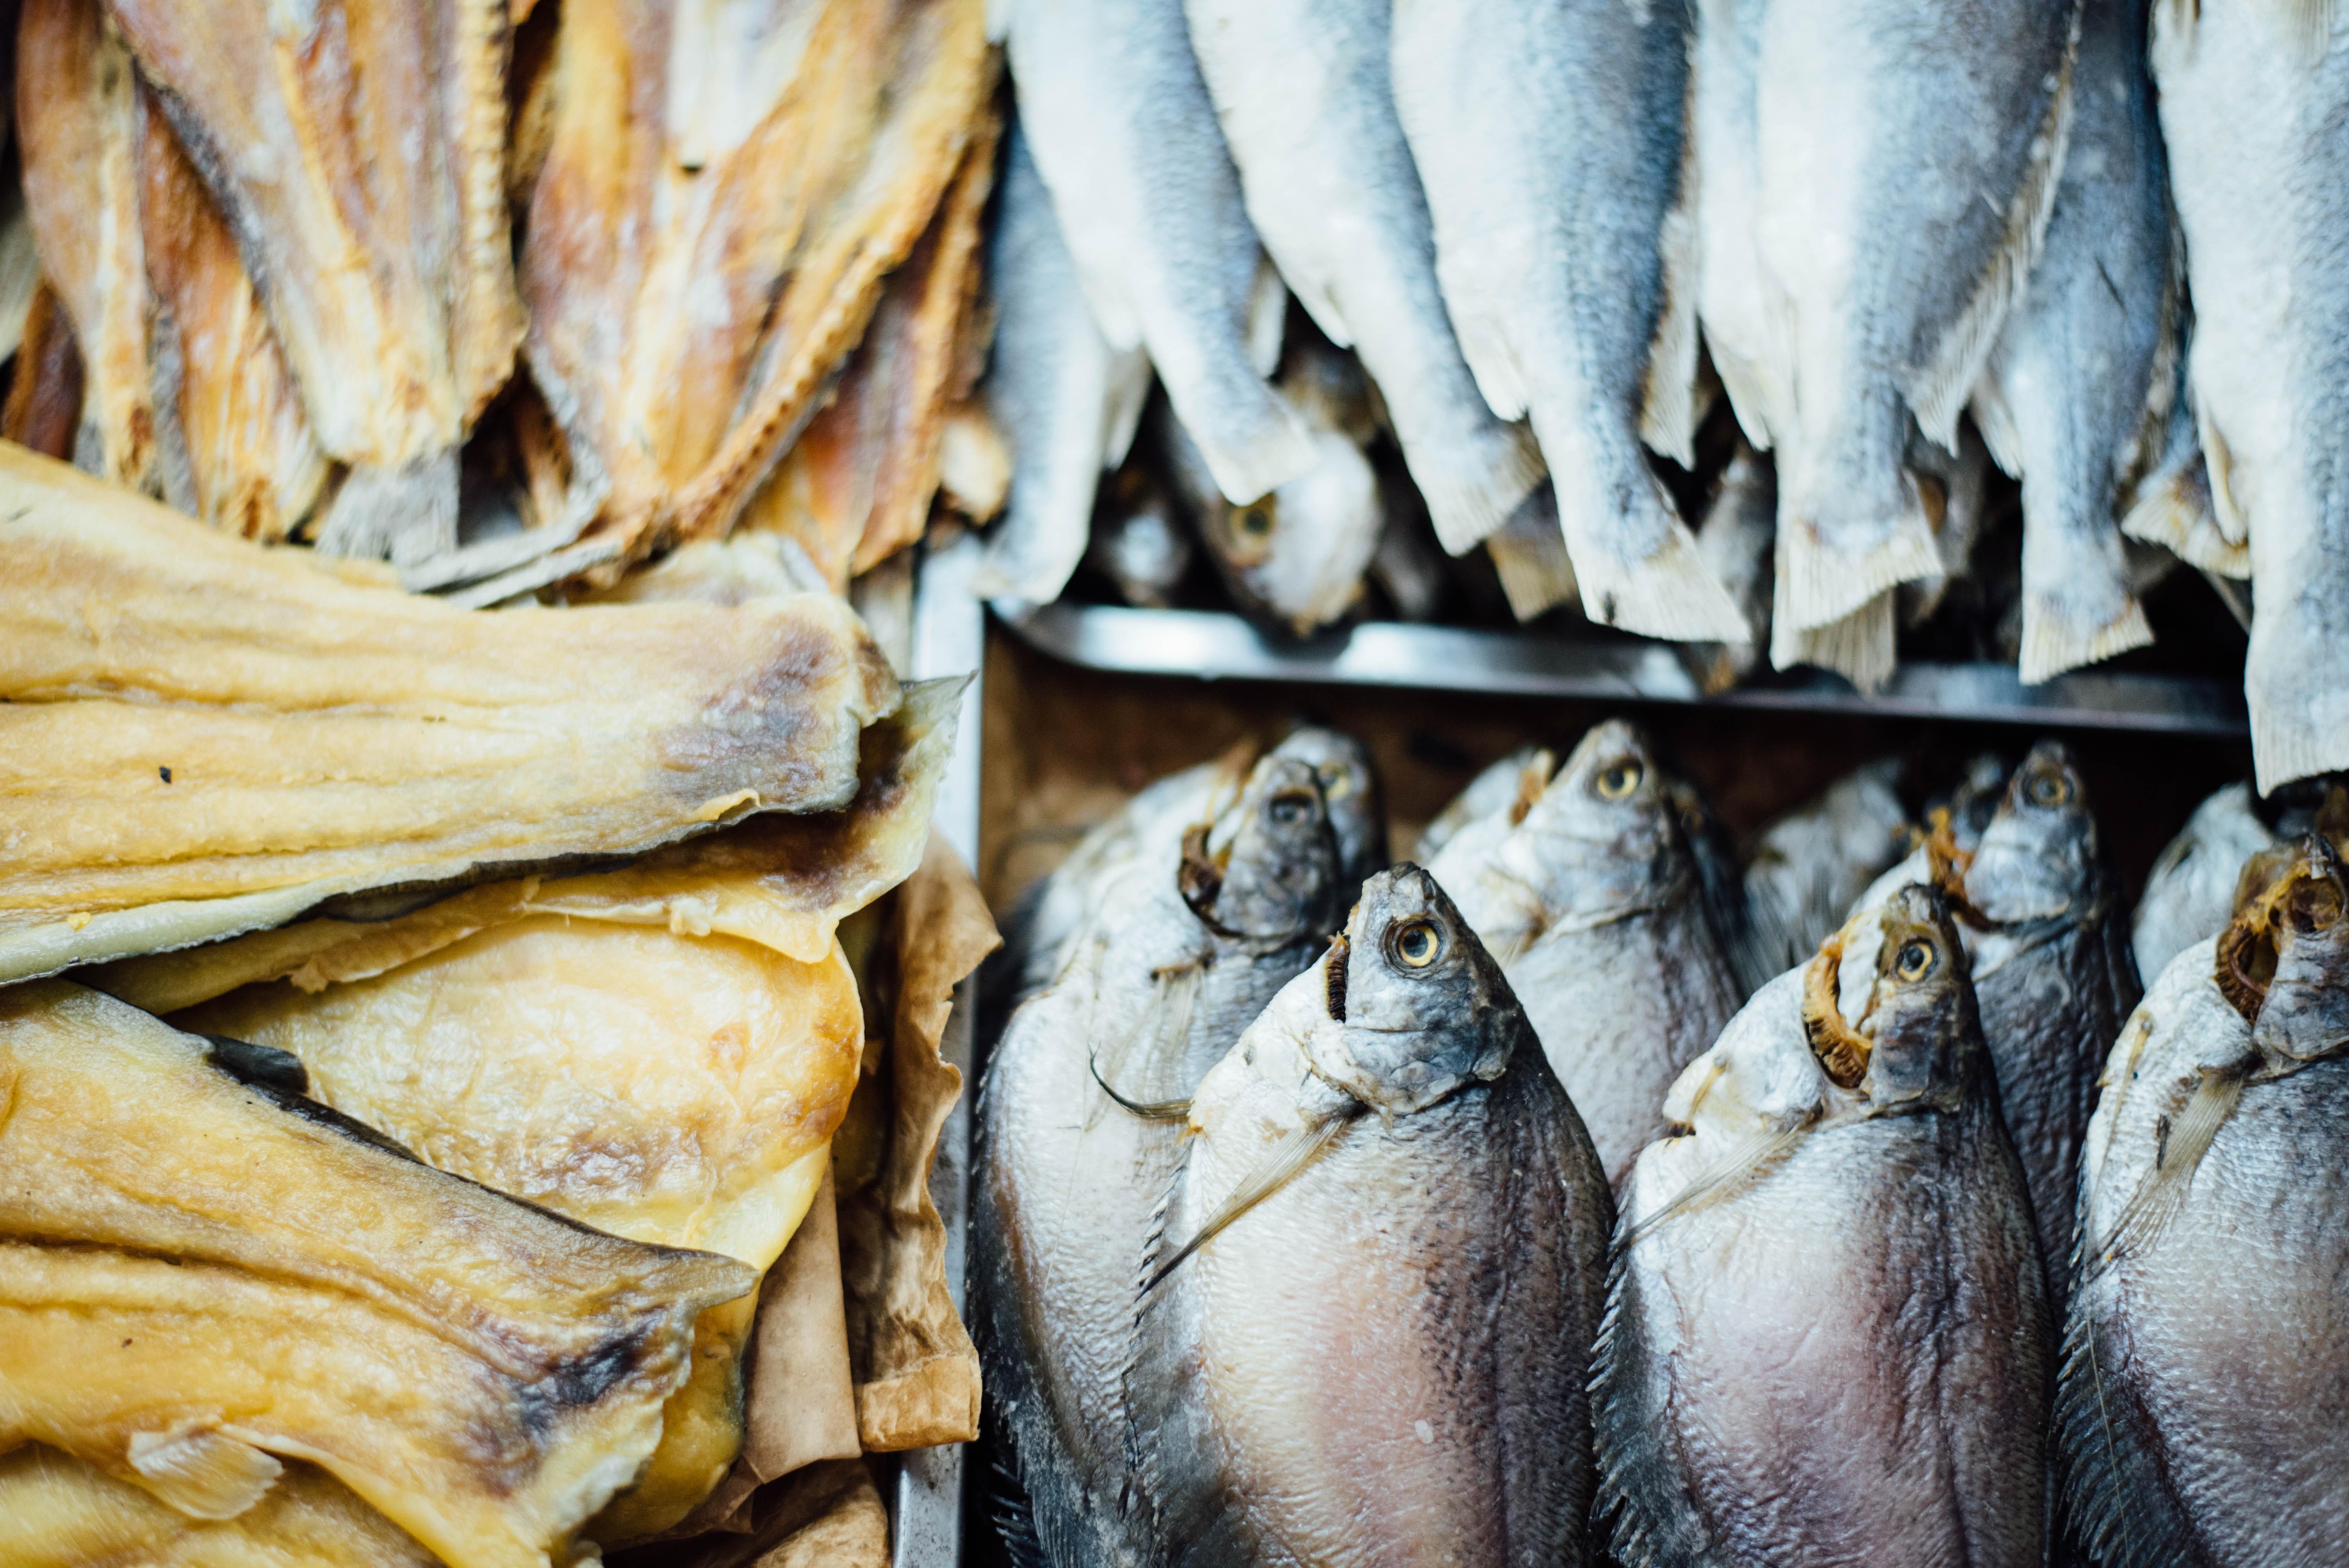 Fetter Seefisch ist reich an Omega-3-Fetssäuren